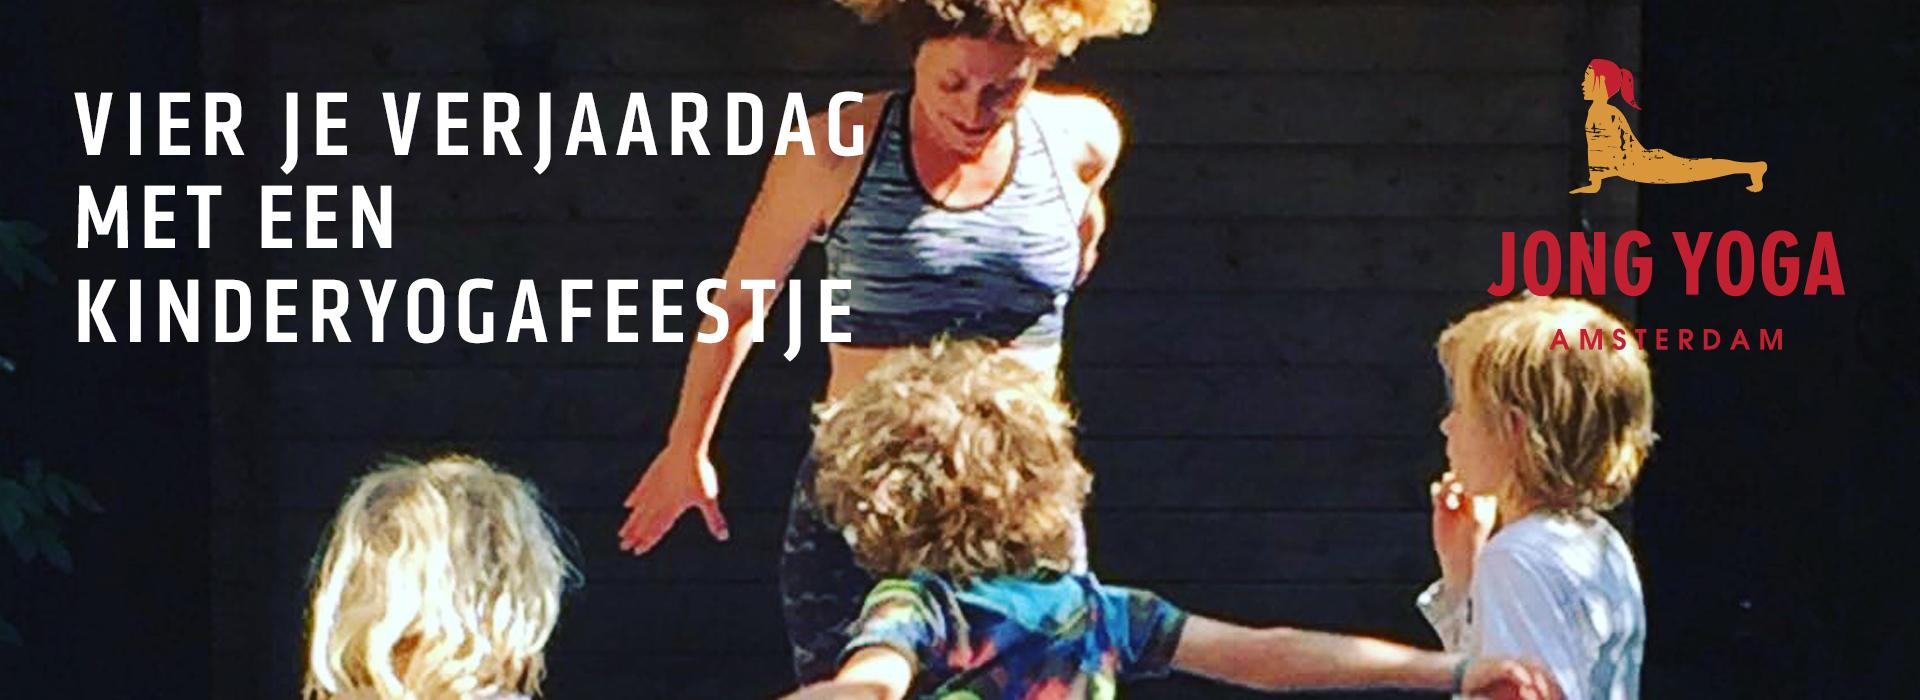 jong-yoga-kinderyogafeestje